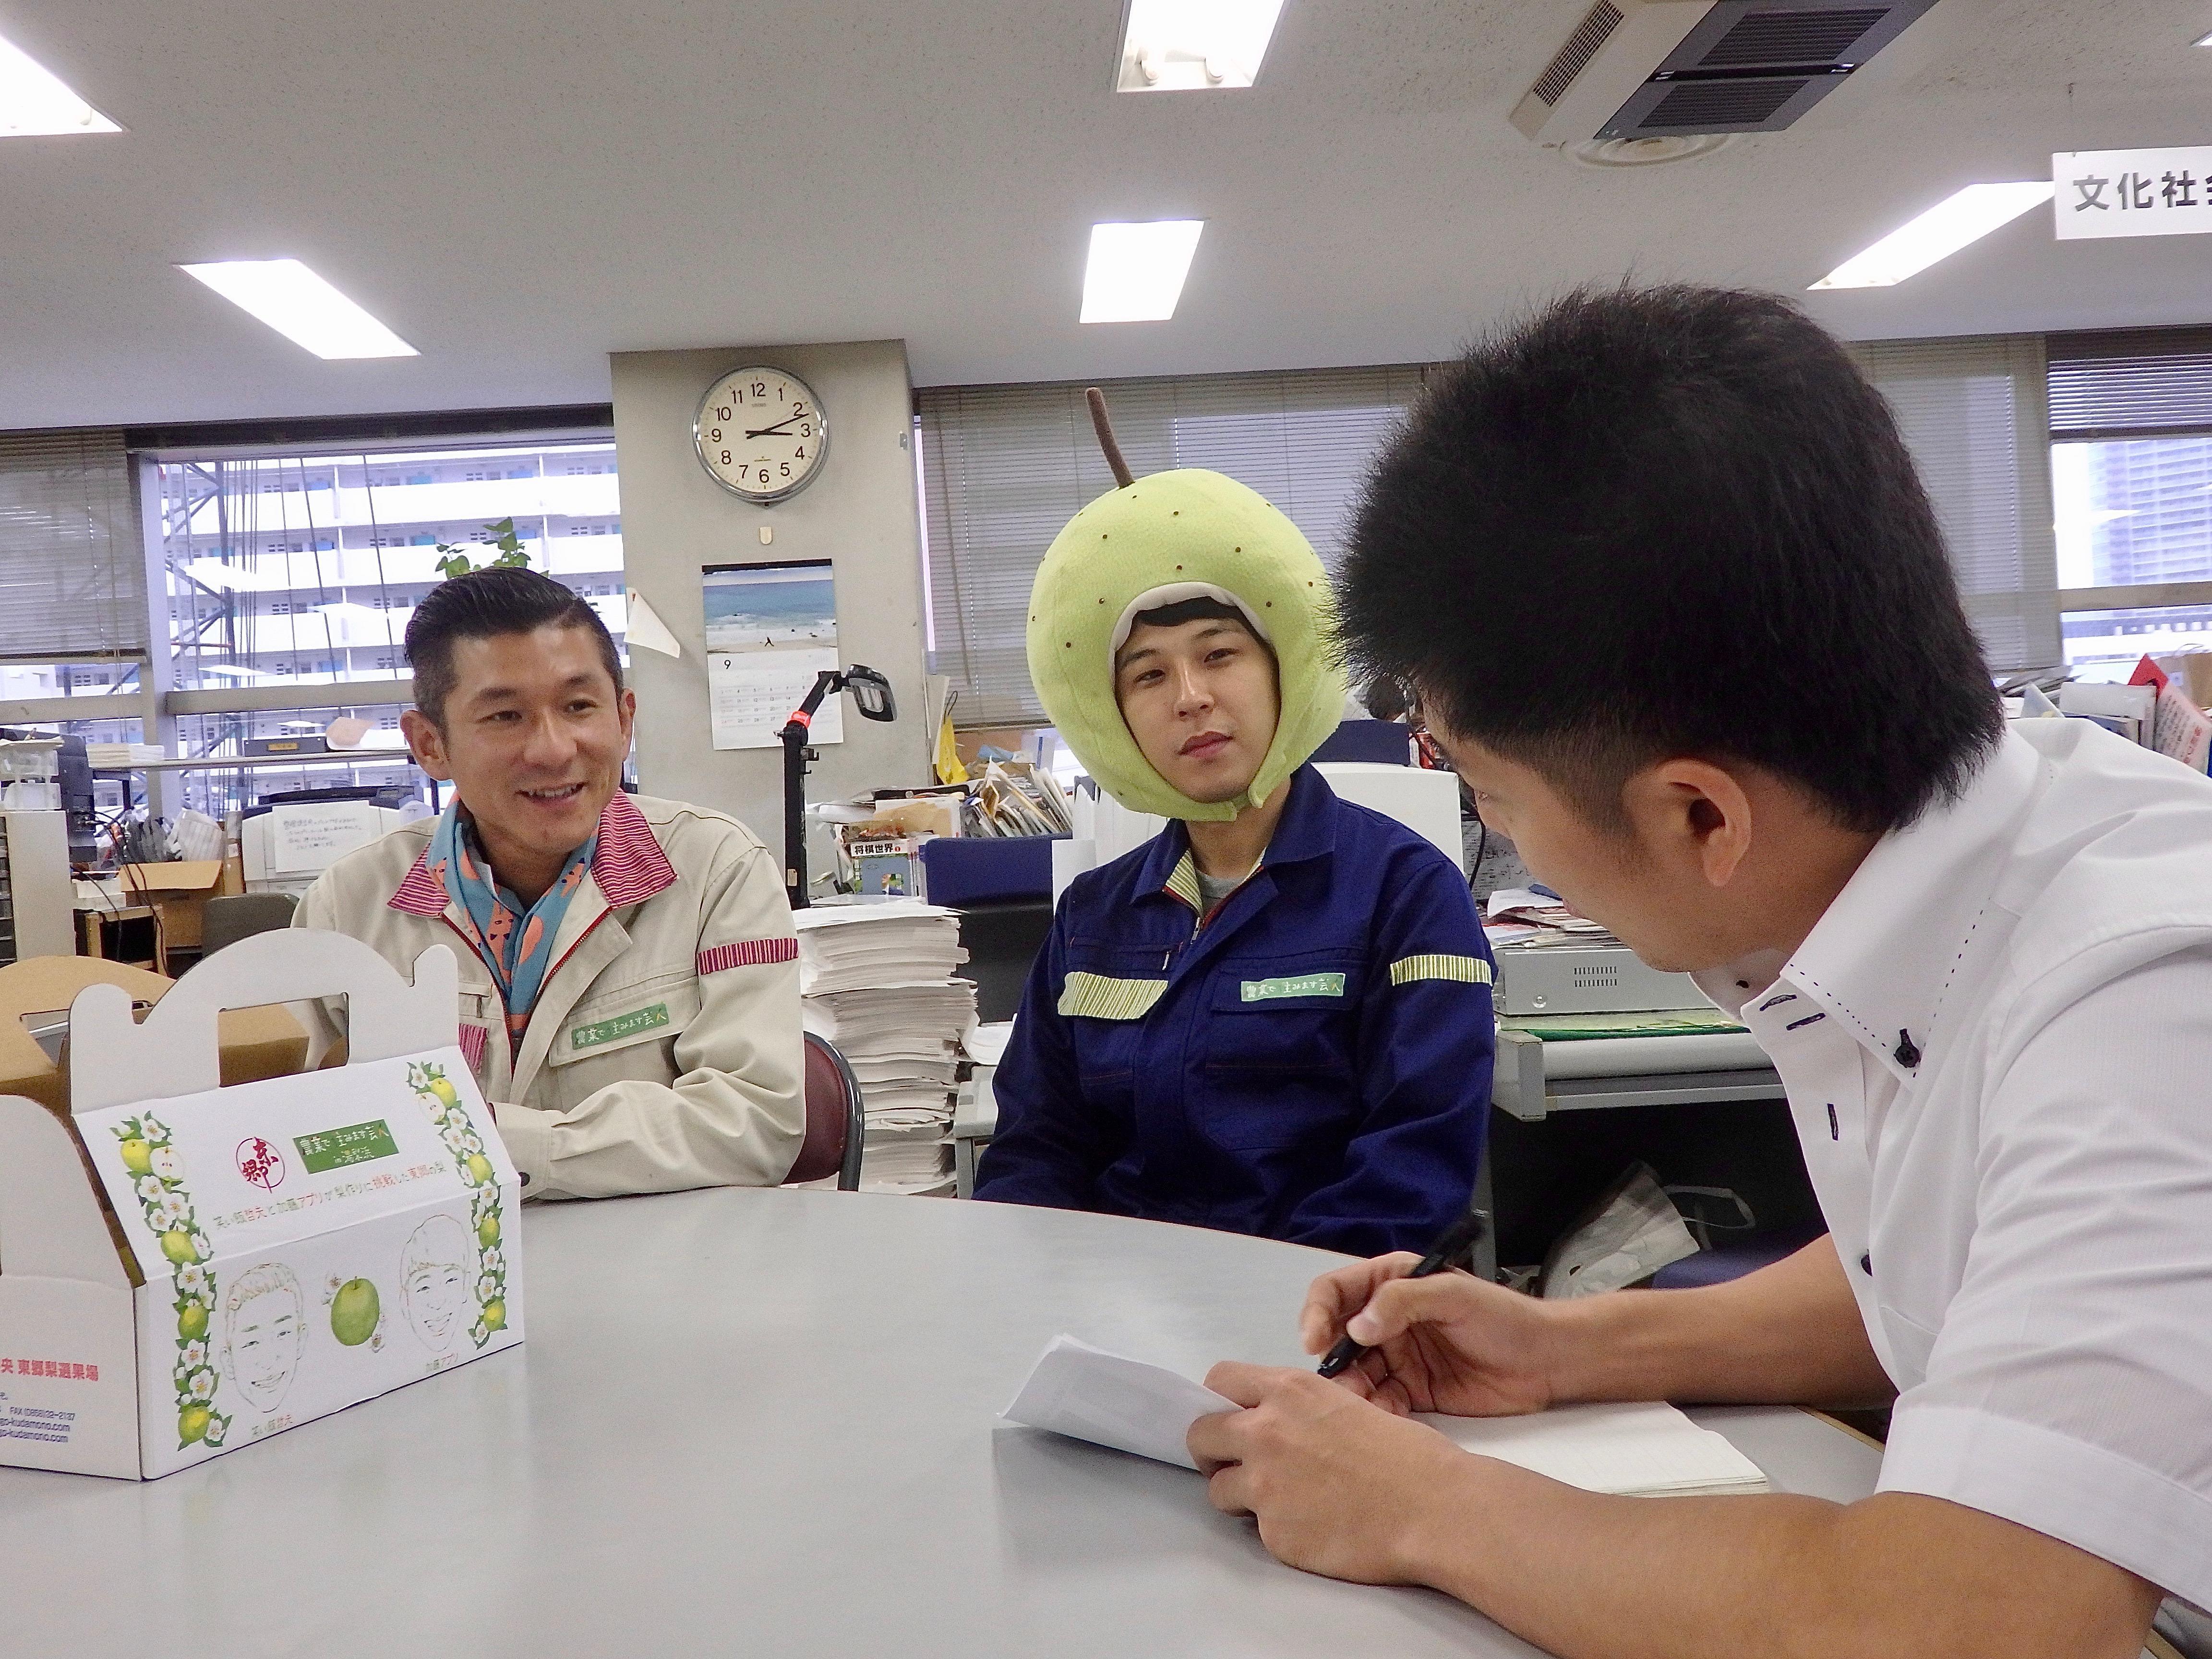 http://news.yoshimoto.co.jp/20170907231219-99f41000e3500768be187280cbadd435986be21b.jpg